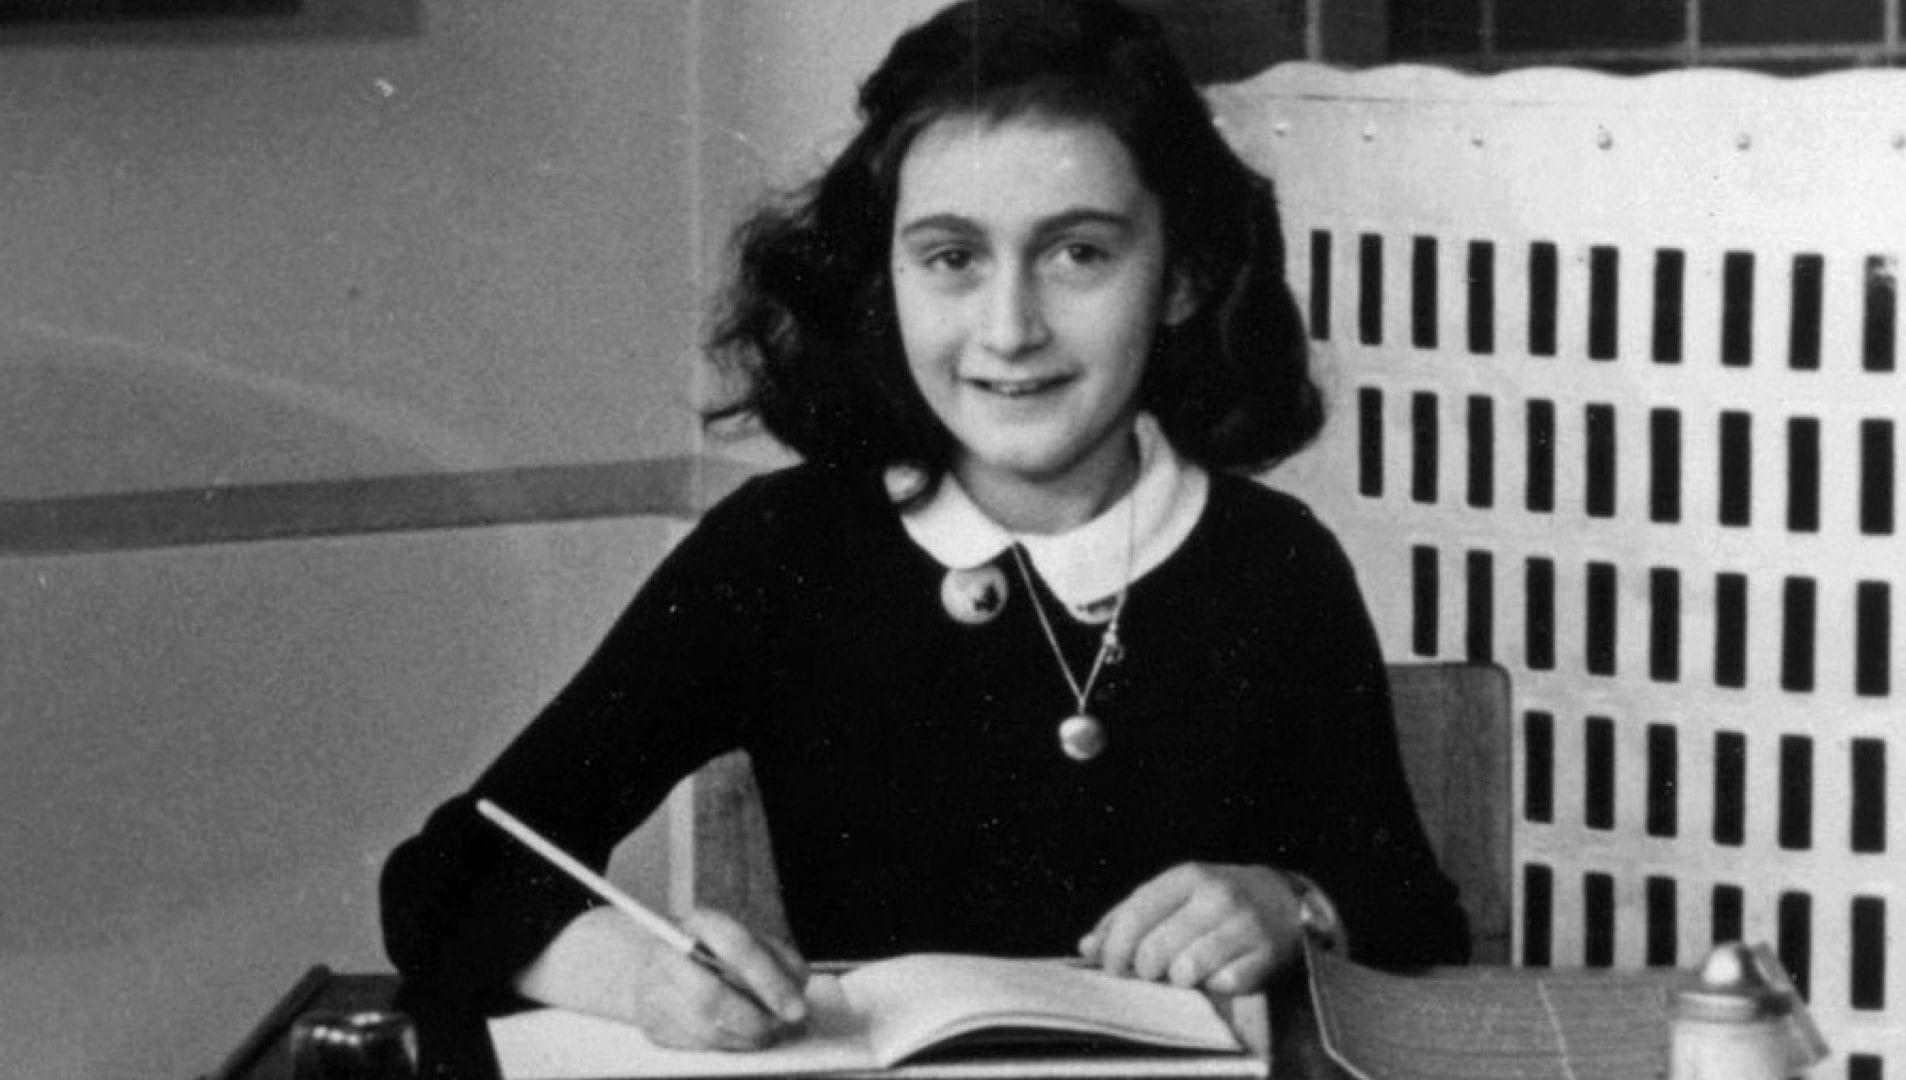 O Diário de Anne Frank - Fatos que explicam o livro e a história de Anne